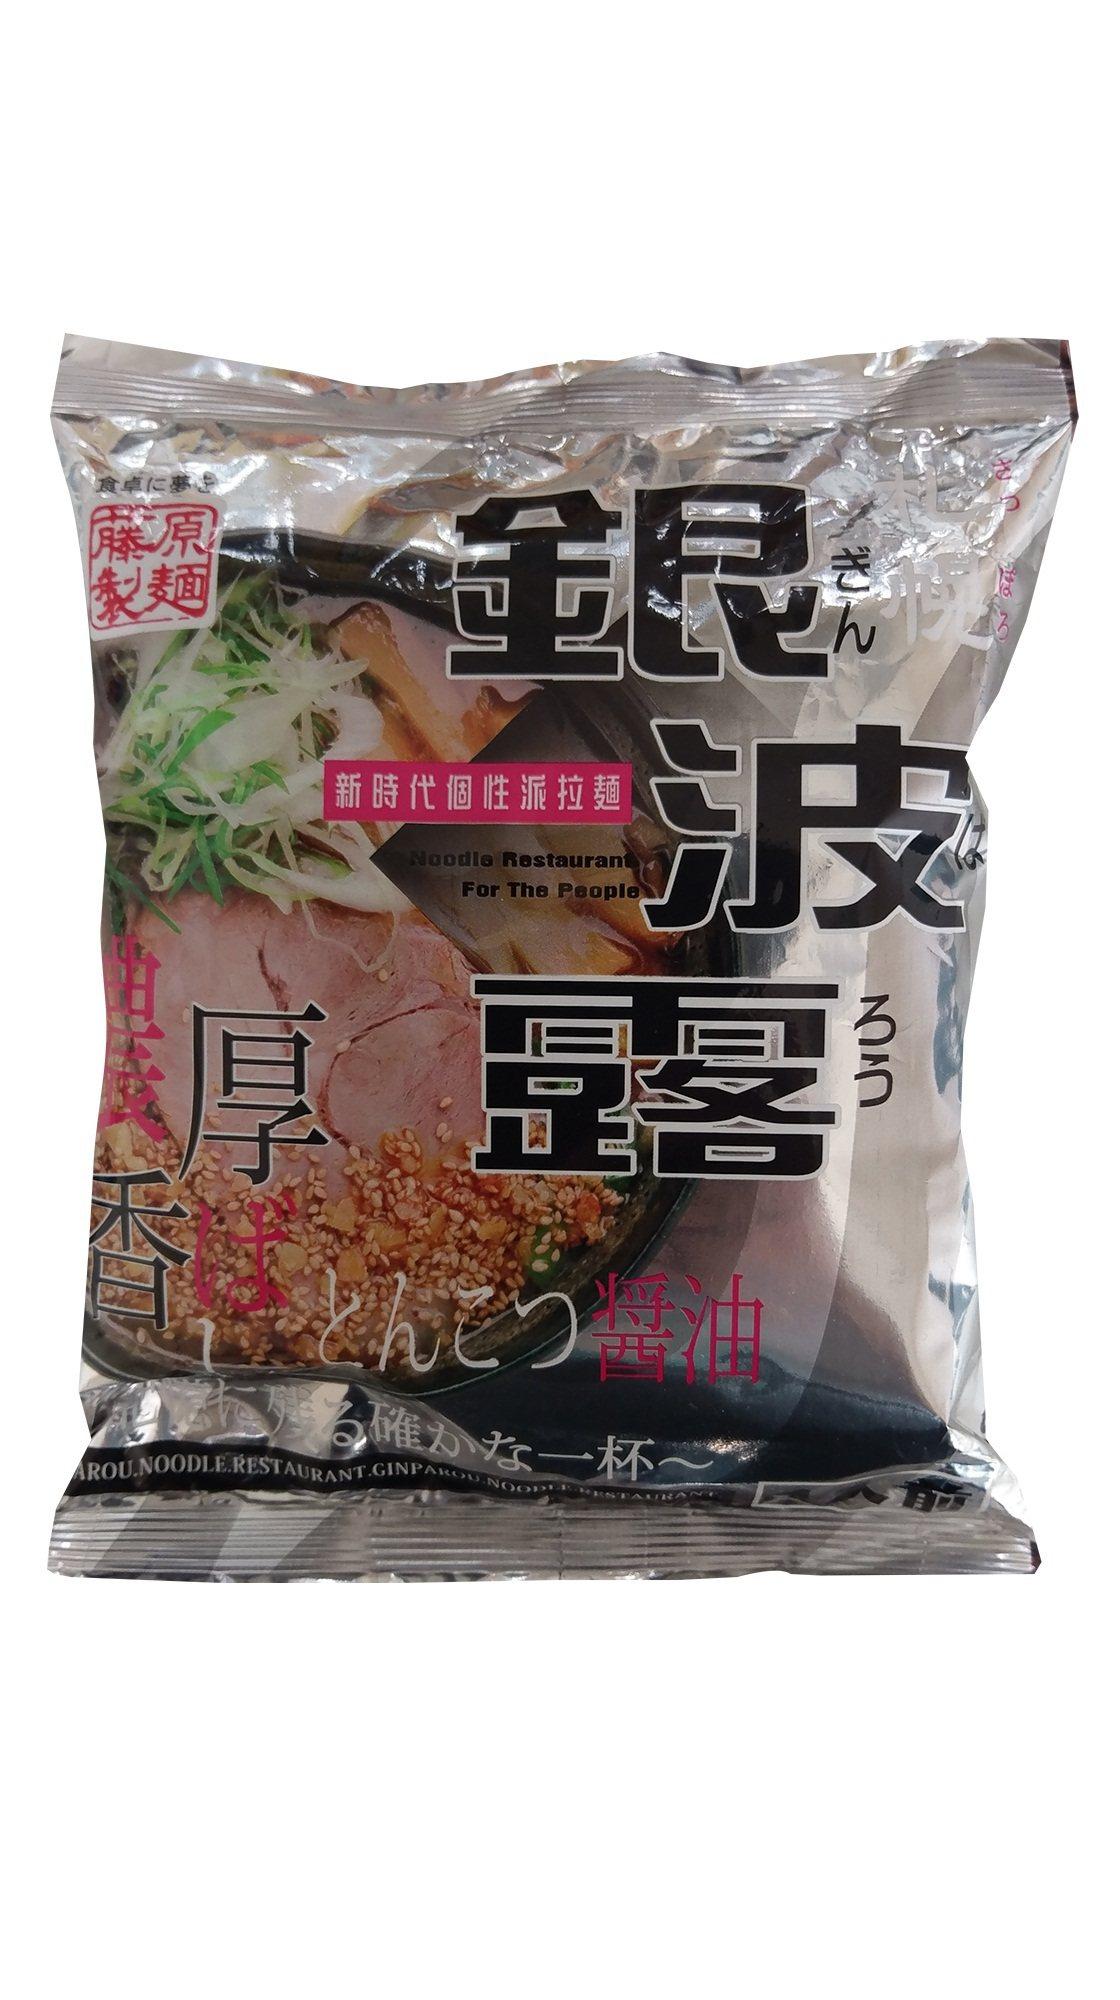 札幌銀波露濃厚豚骨醬油拉麵。圖/萊爾富提供